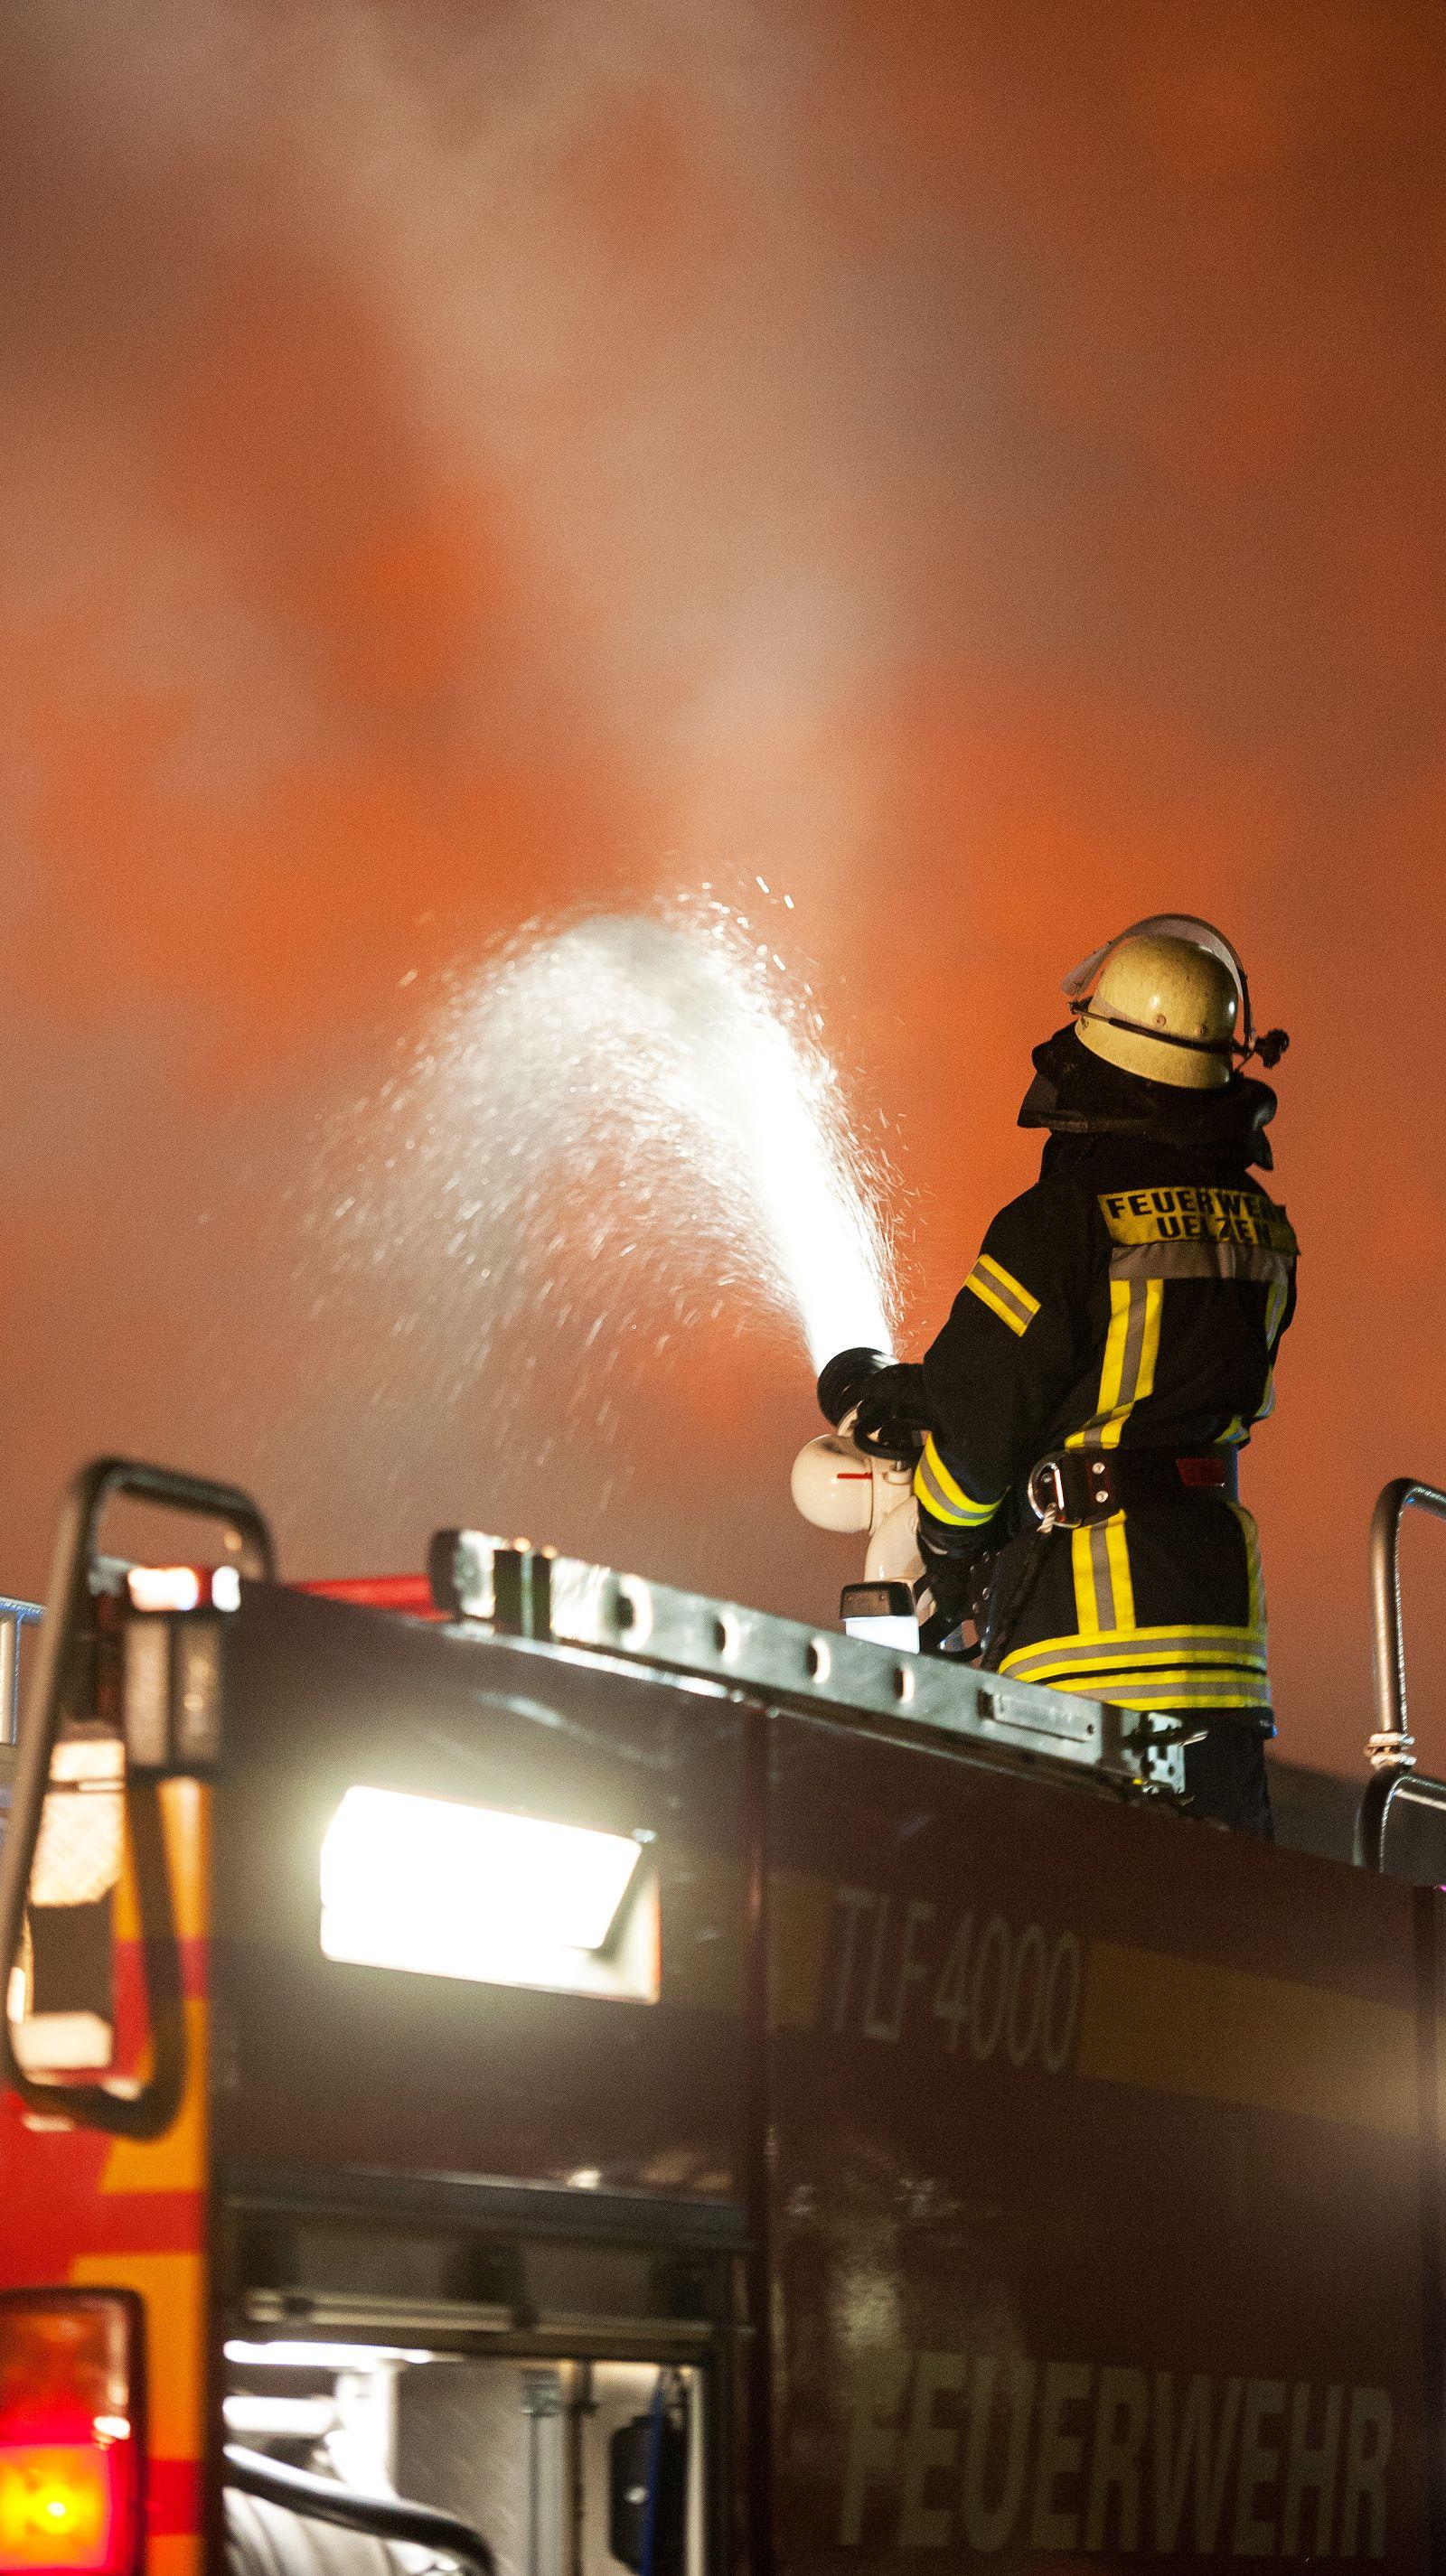 Feuerwehrleute / Feuerwehr